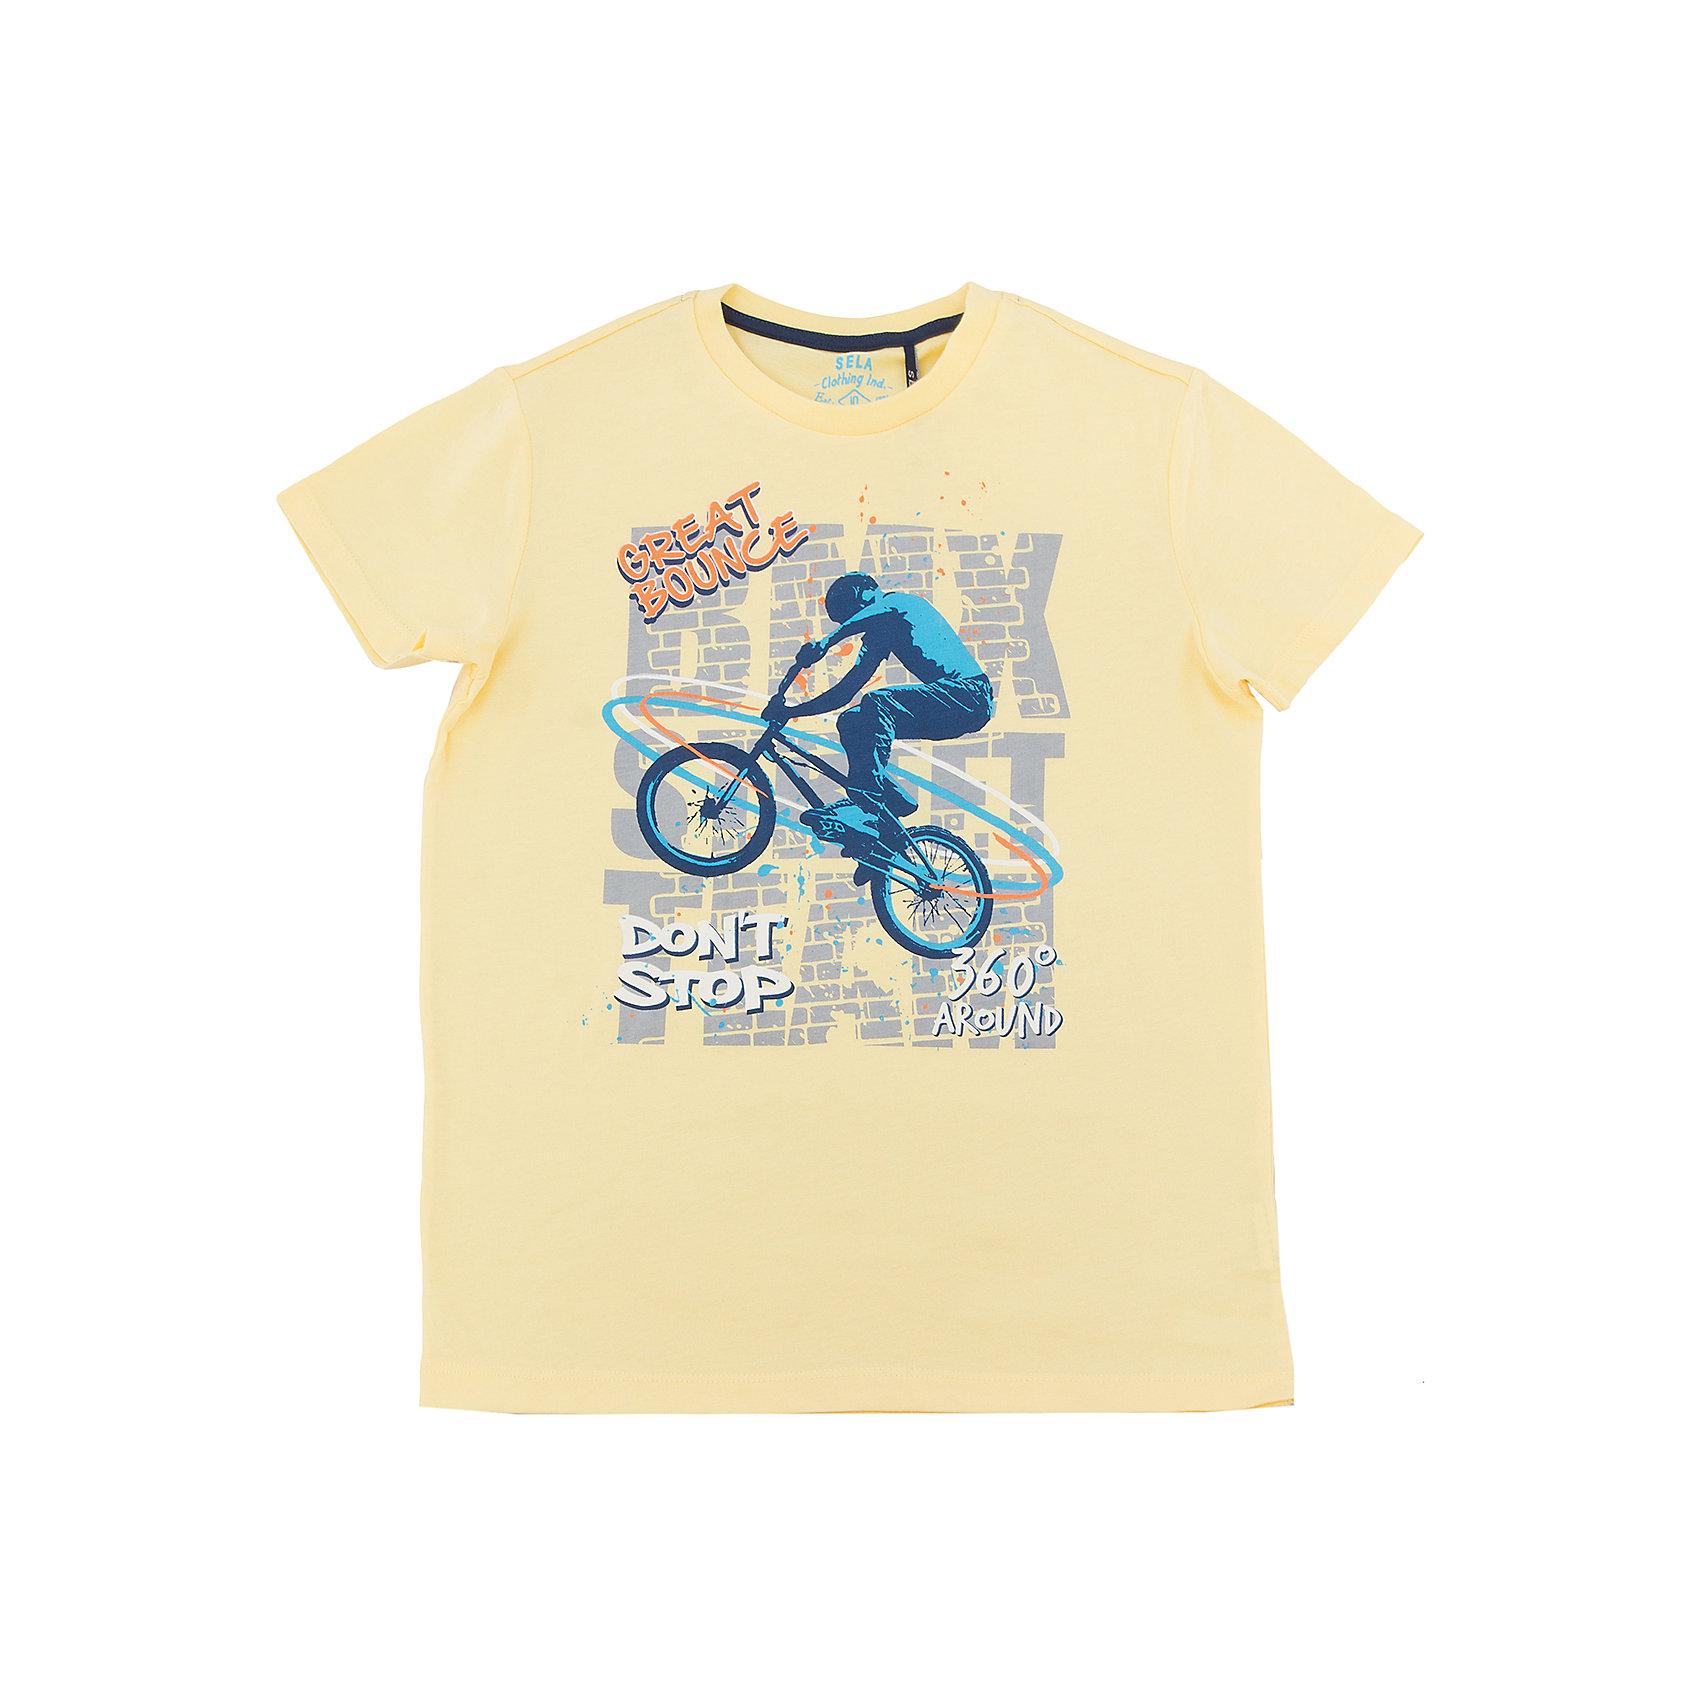 Футболка  для мальчика SELAХарактеристики товара:<br><br>• цвет: желтый<br>• состав: 100% хлопок<br>• принт<br>• короткие рукава<br>• округлый горловой вырез<br>• коллекция весна-лето 2017<br>• страна бренда: Российская Федерация<br><br>В новой коллекции SELA отличные модели одежды! Эта футболка для мальчика поможет разнообразить гардероб ребенка и обеспечить комфорт. Она отлично сочетается с джинсами и брюками. В составе ткани -только дышащий гипоаллергенный хлопок!<br><br>Одежда, обувь и аксессуары от российского бренда SELA не зря пользуются большой популярностью у детей и взрослых! Модели этой марки - стильные и удобные, цена при этом неизменно остается доступной. Для их производства используются только безопасные, качественные материалы и фурнитура. Новая коллекция поддерживает хорошие традиции бренда! <br><br>Футболку для мальчика от популярного бренда SELA (СЕЛА) можно купить в нашем интернет-магазине.<br><br>Ширина мм: 230<br>Глубина мм: 40<br>Высота мм: 220<br>Вес г: 250<br>Цвет: желтый<br>Возраст от месяцев: 96<br>Возраст до месяцев: 108<br>Пол: Мужской<br>Возраст: Детский<br>Размер: 134,140,146,152,116,122,128<br>SKU: 5304152